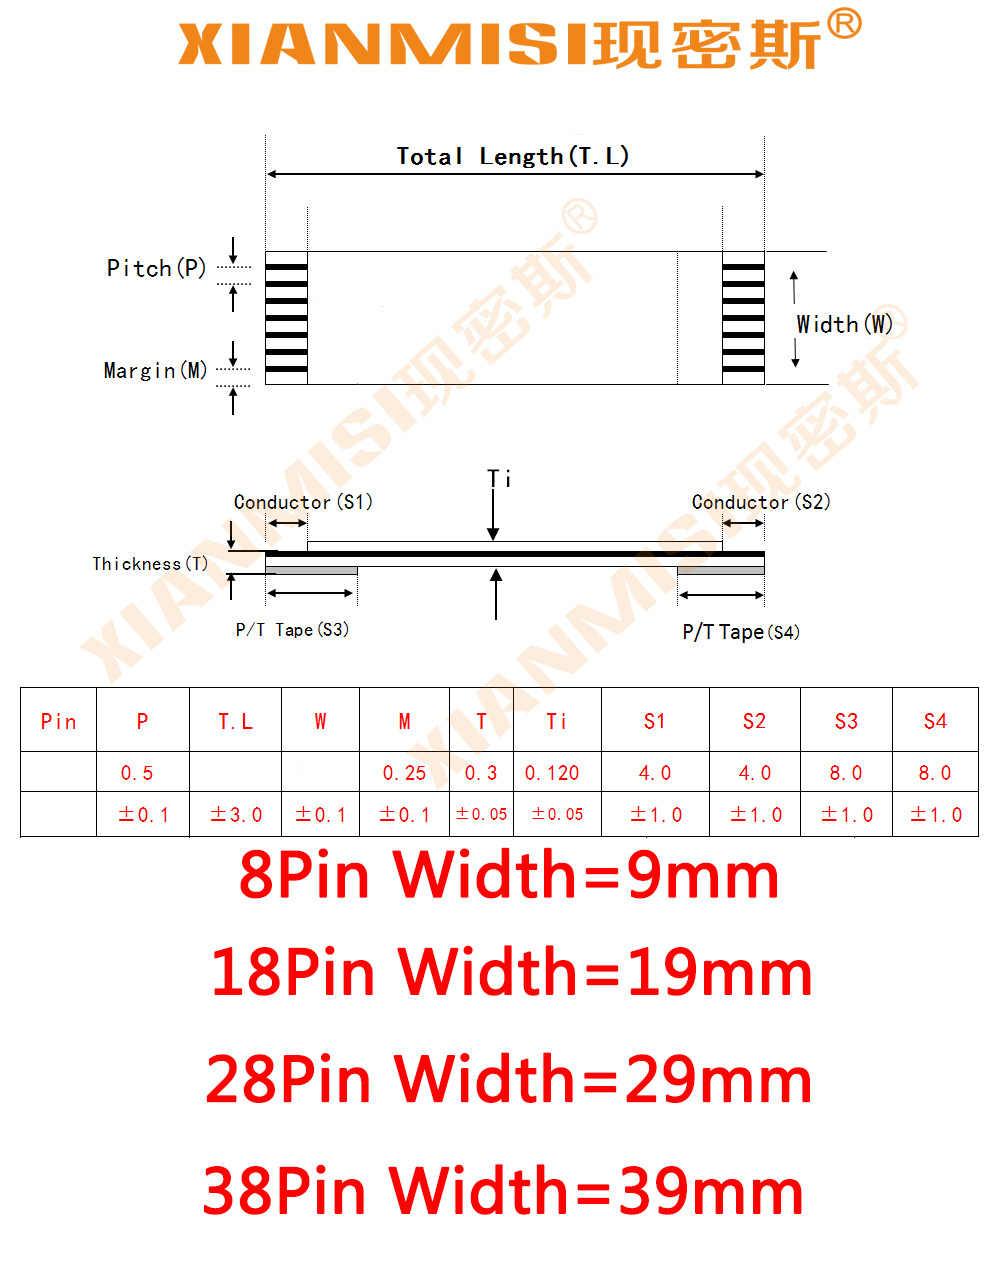 8Pin Flexibele Platte Kabel FFC Tegenovergestelde Side 1.0mm Pitch AWM 20624 80C 60 V Lengte 5 cm 8 cm 10 cm 15 cm 20 cm 25 cm 30 cm 35 cm 5 STKS